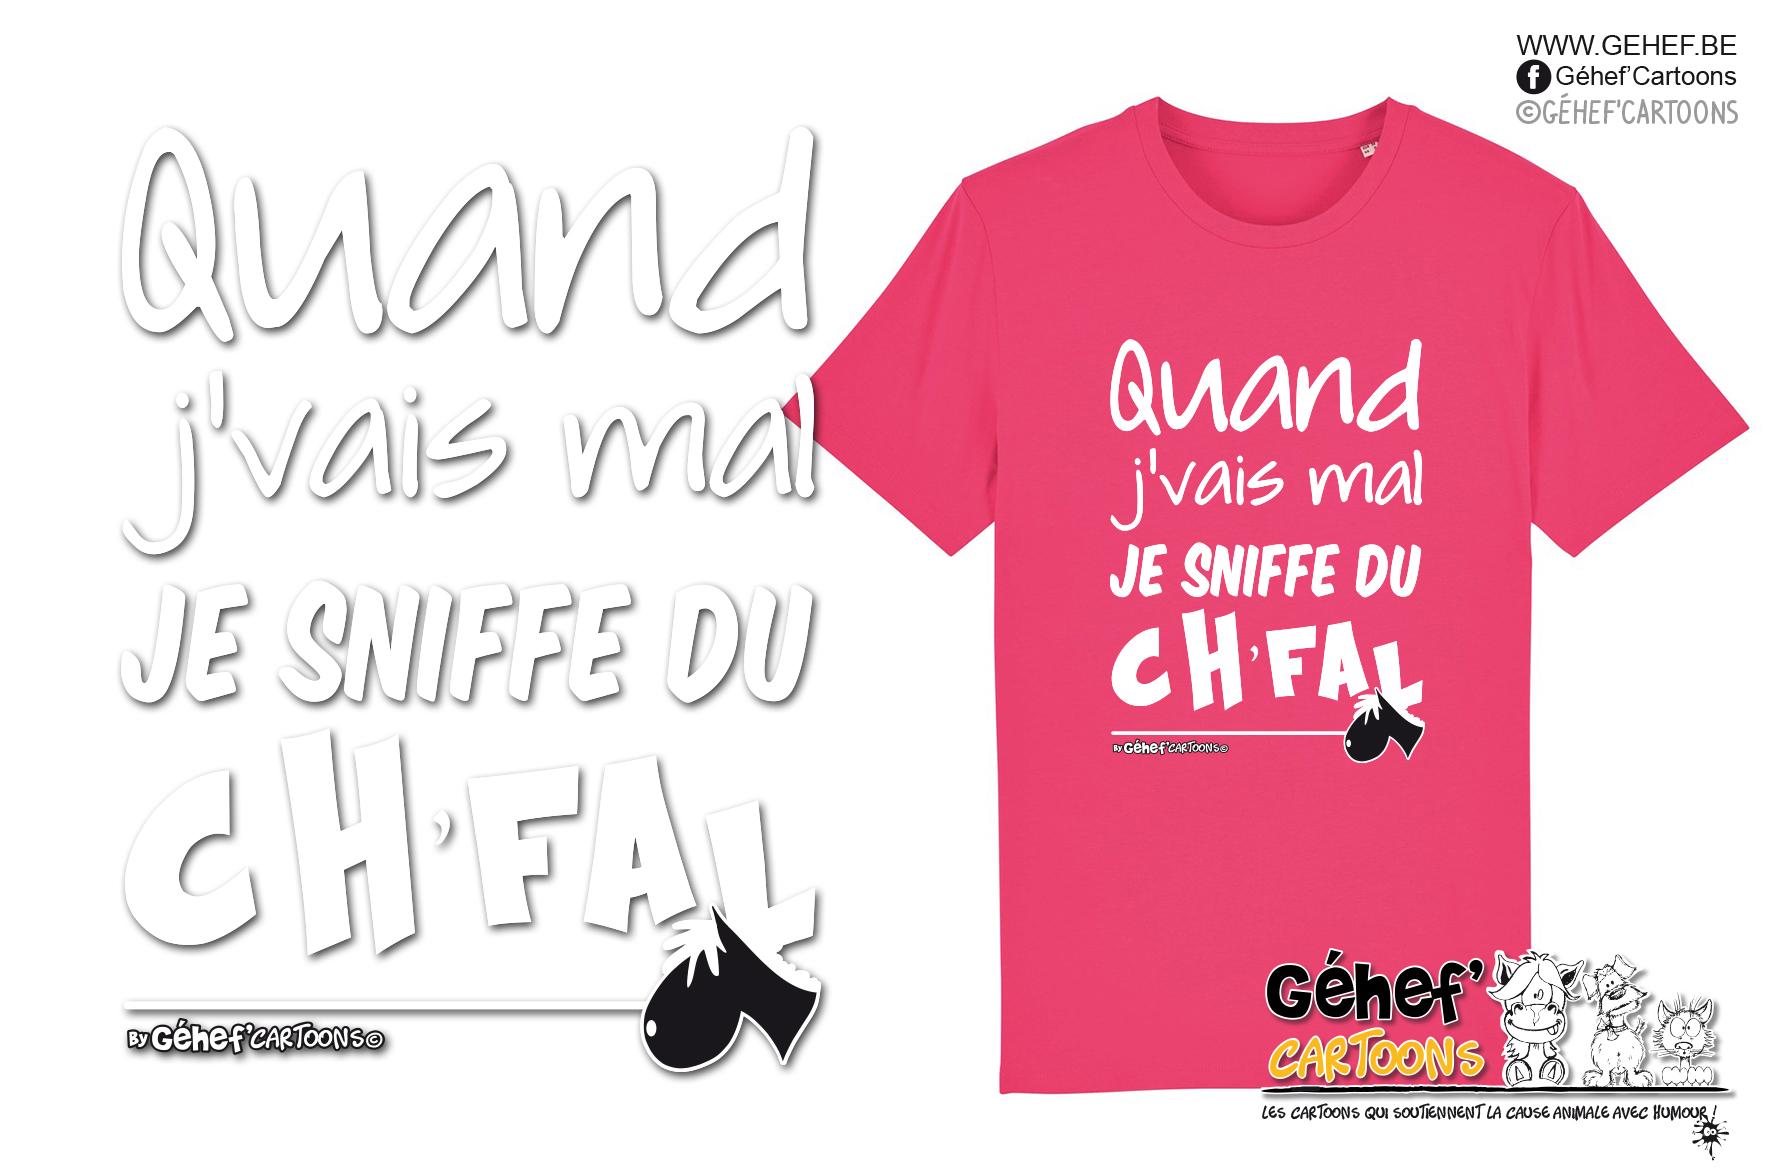 web-teeshirt-u-755---Sniffeduchfal